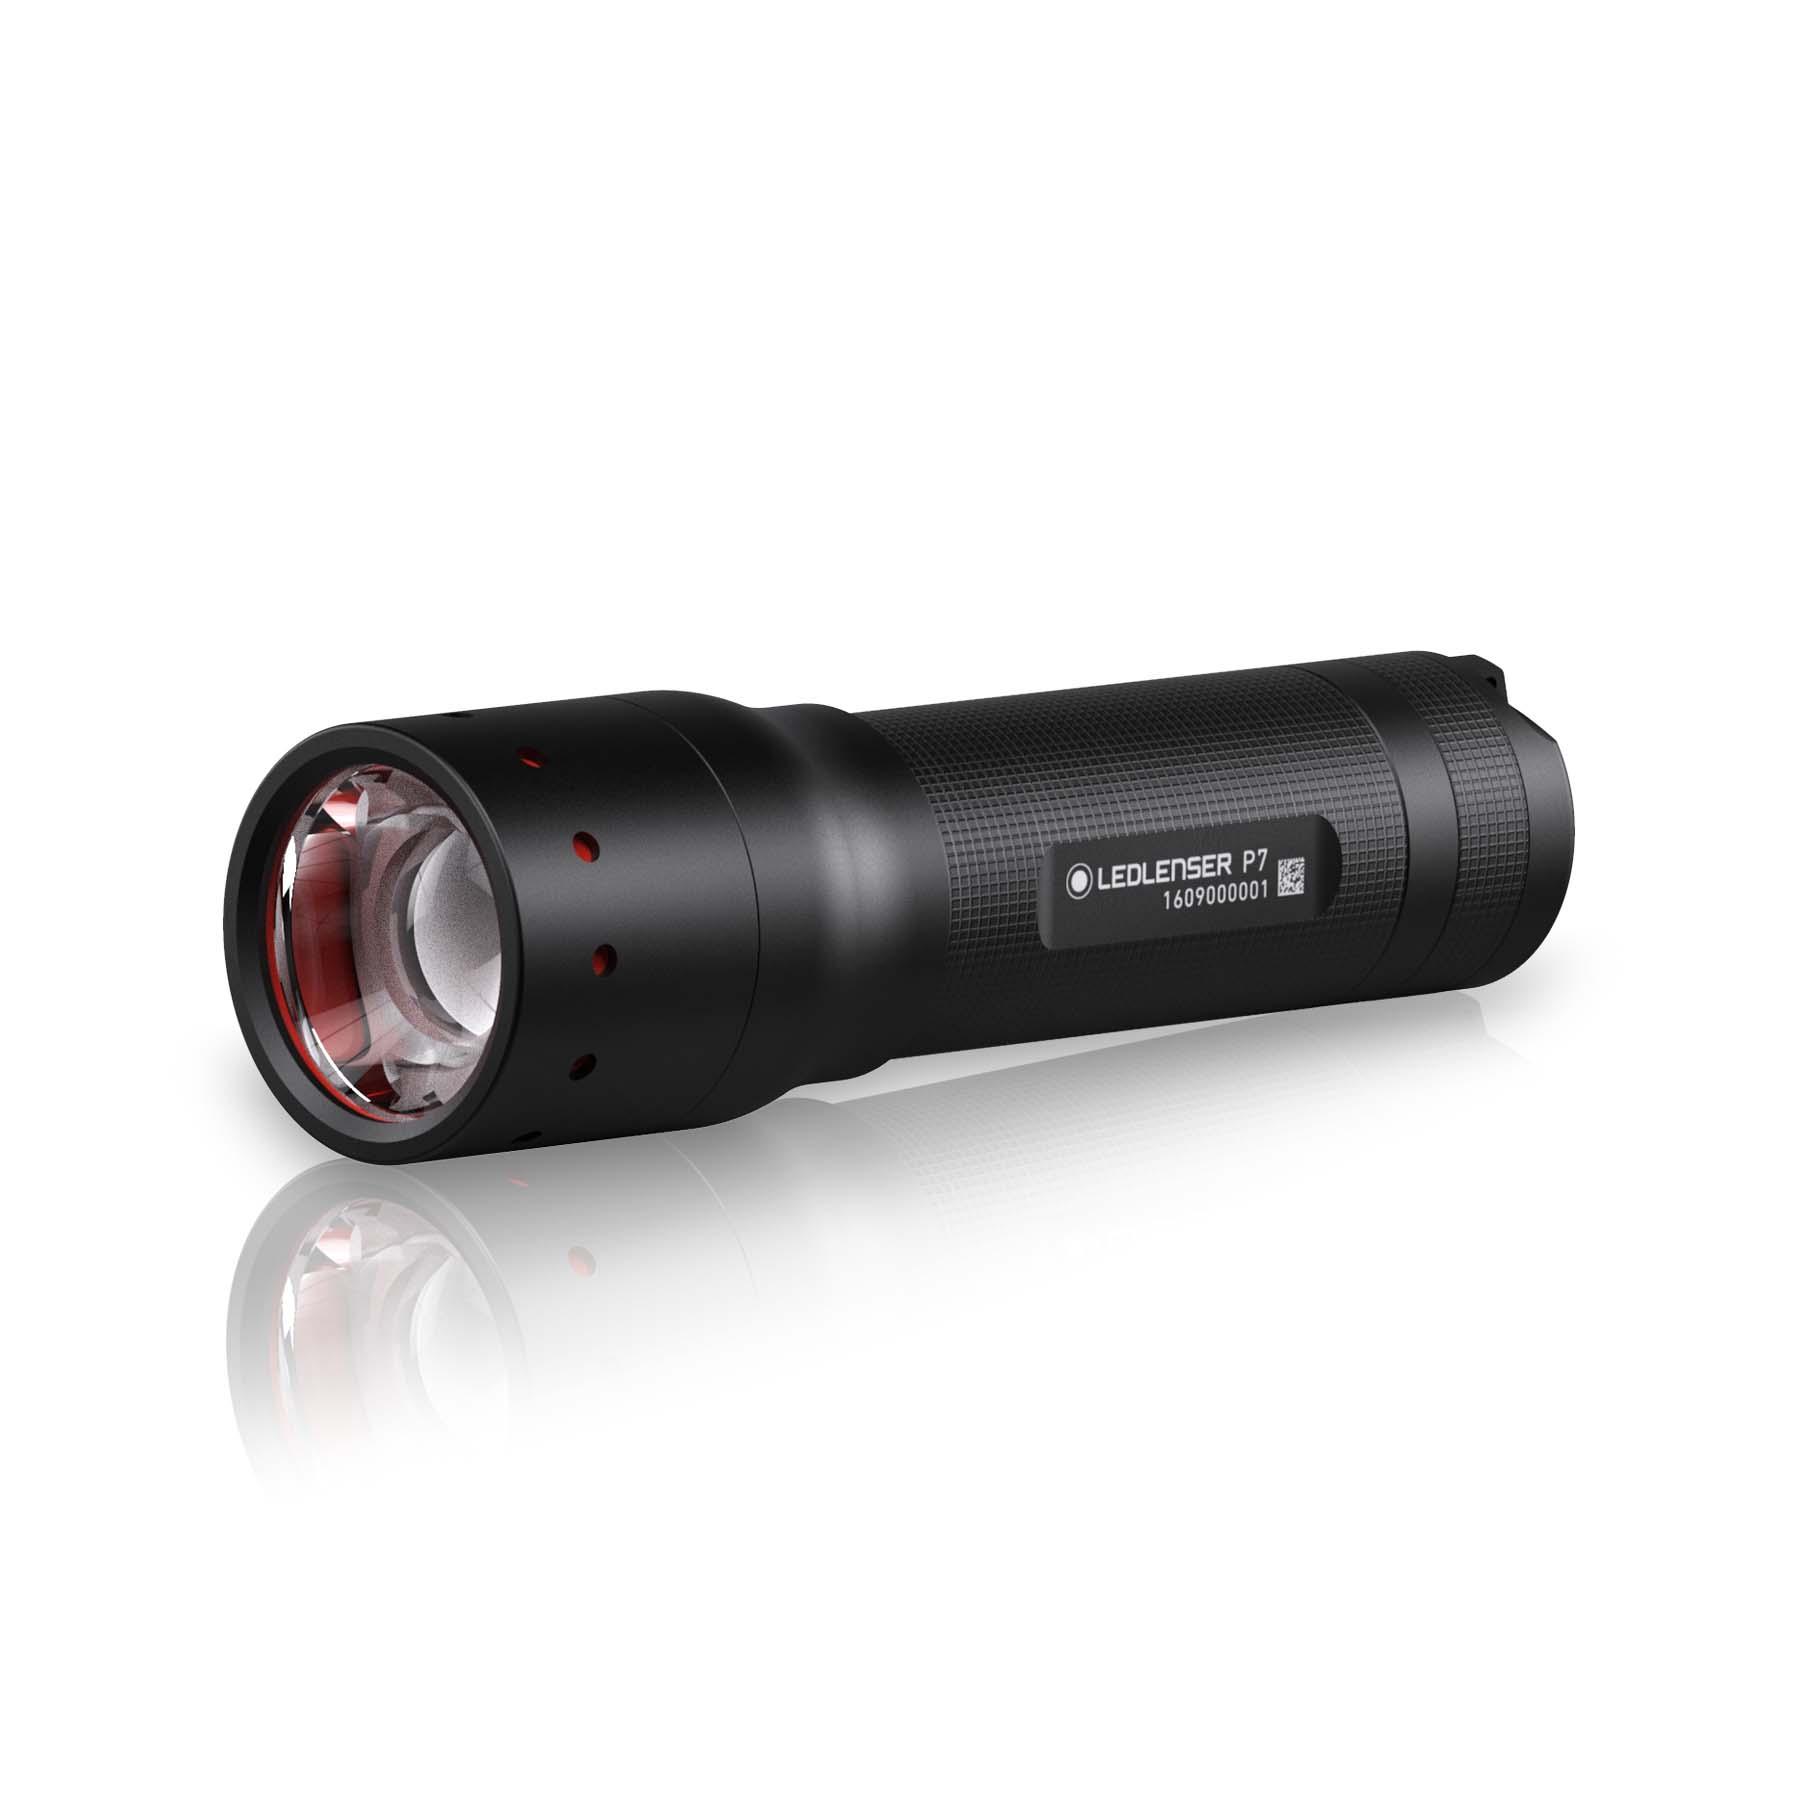 Ledlenser P7 fokussierbare High Power LED-Taschenlampe (Gen. 2017) 501046